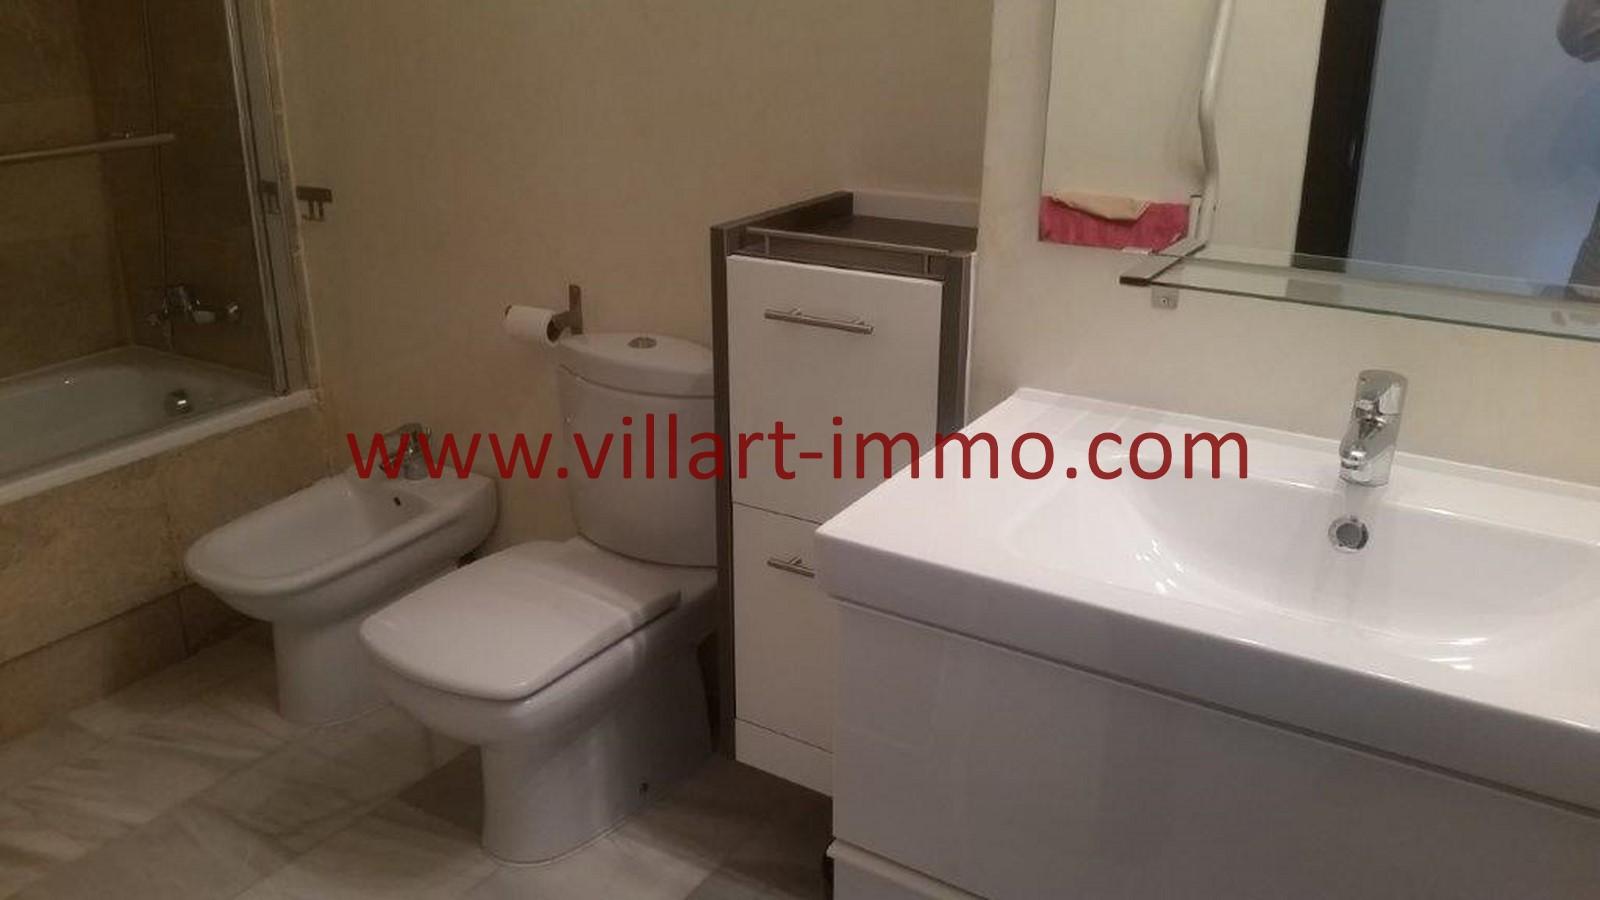 10-location-appartement-meuble-tanger-salle-de-bain-2-villart-immo